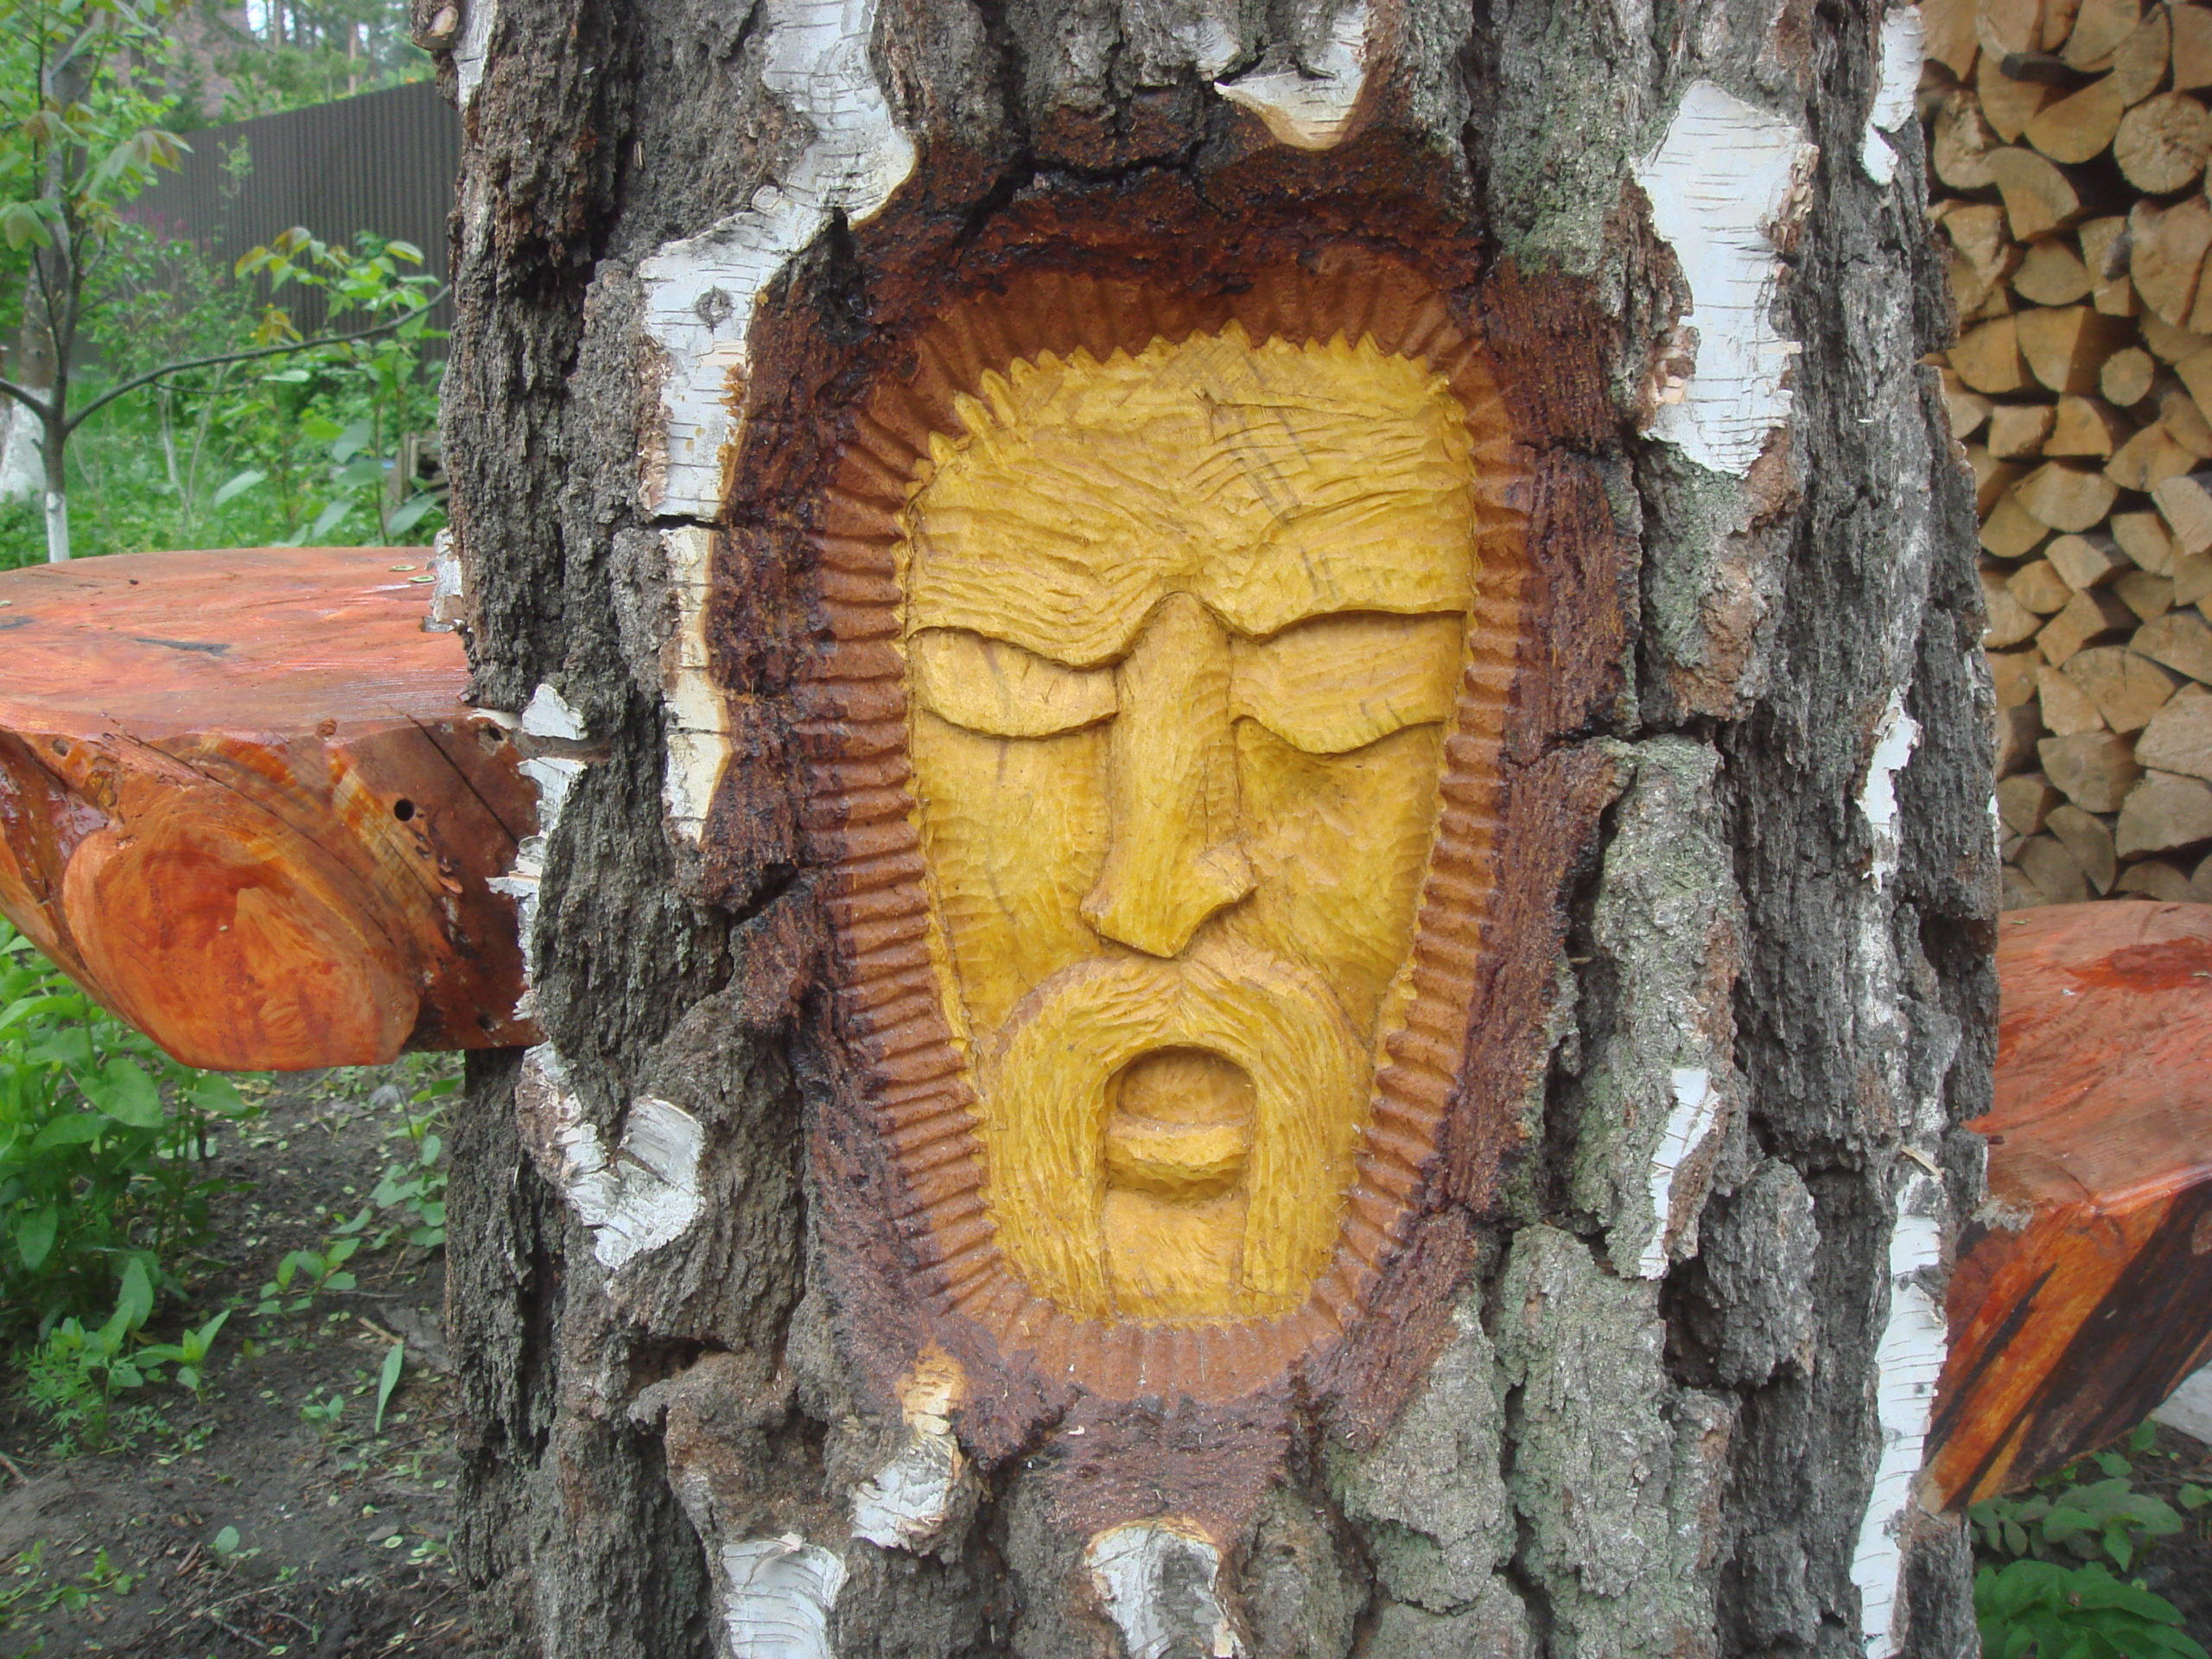 Деревянное лицо человека из основания дерева